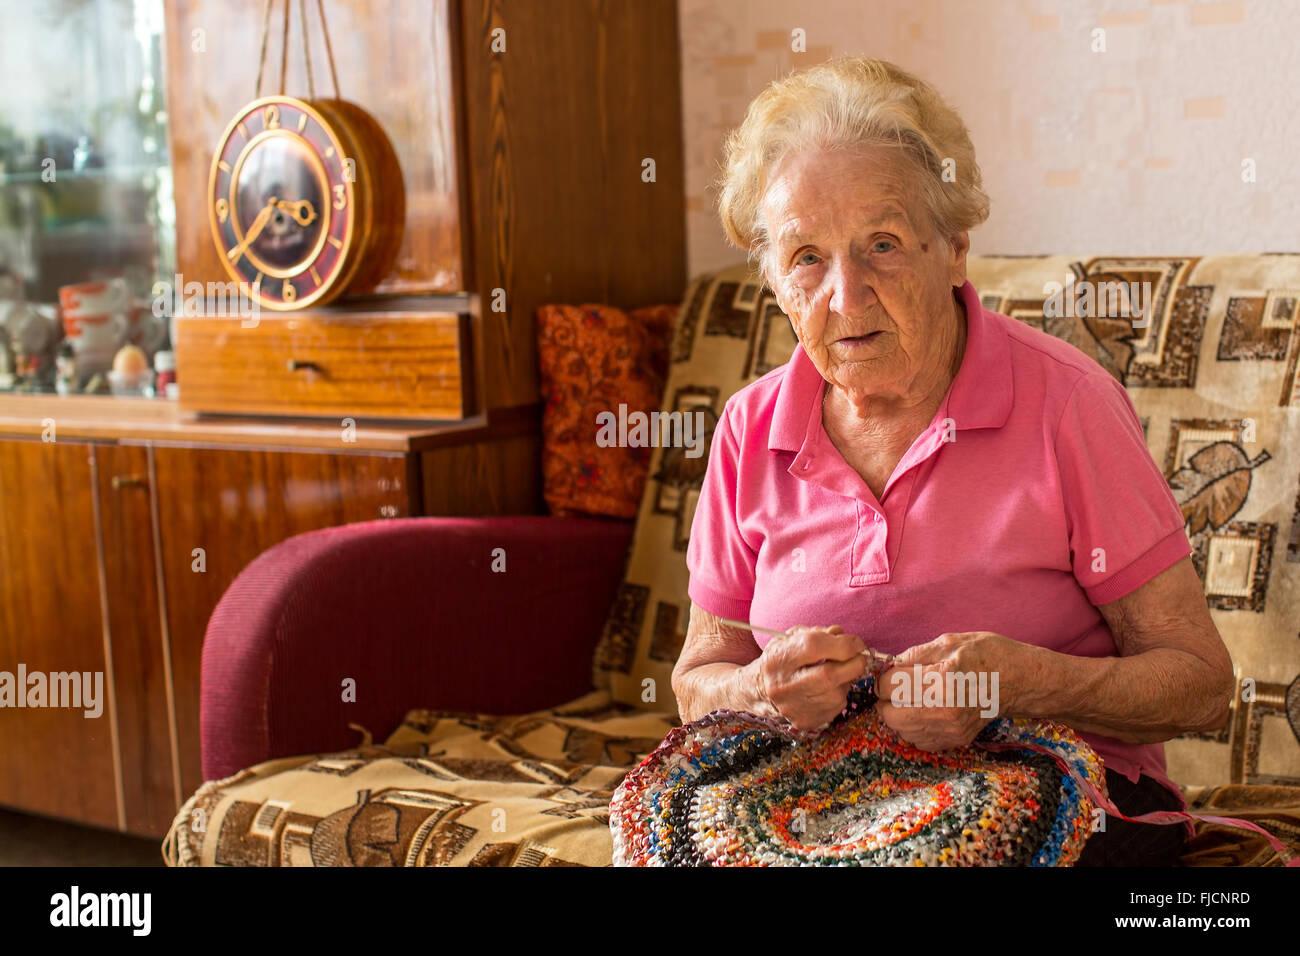 Une femme âgée assise dans sa chambre et le tricotage de tapis. Banque D'Images